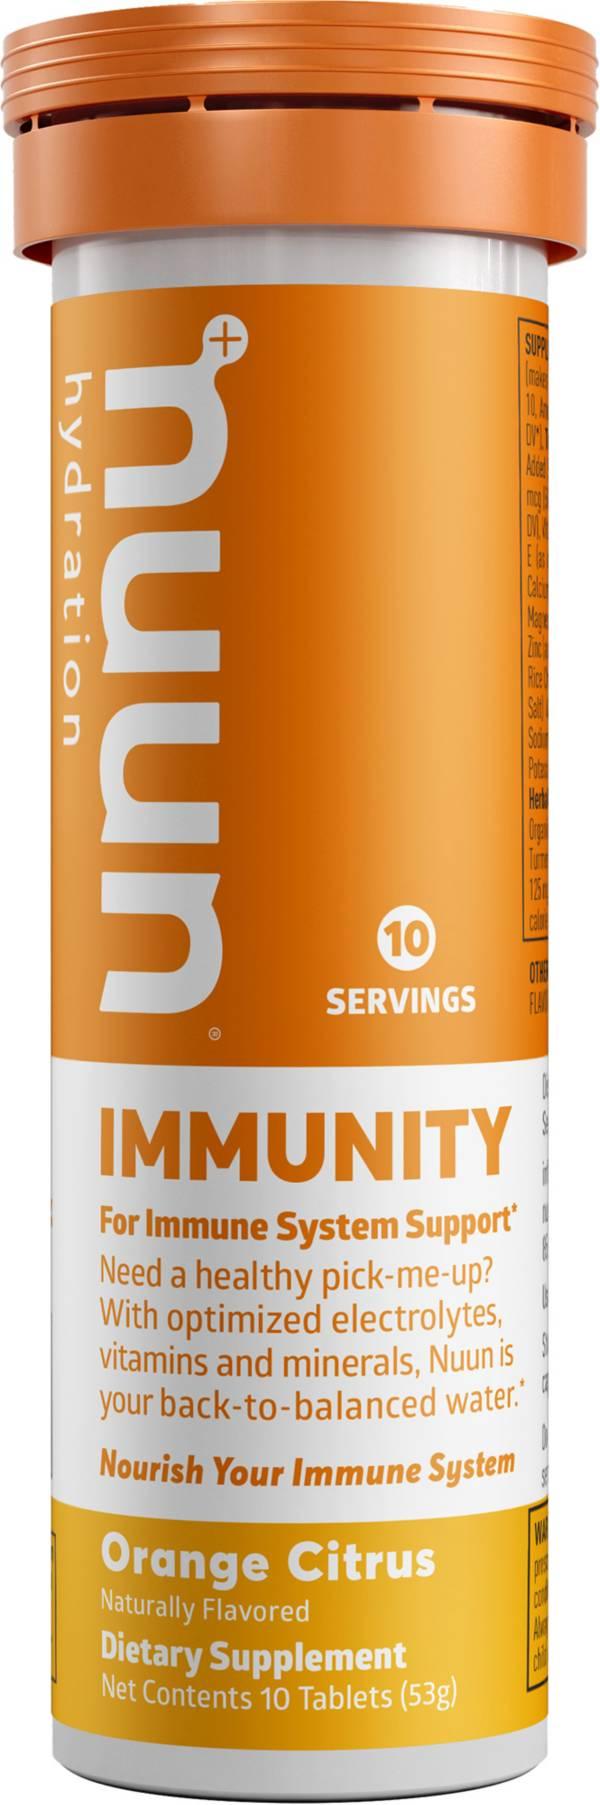 Nuun Immunity Orange Citrus 10 Tablets product image